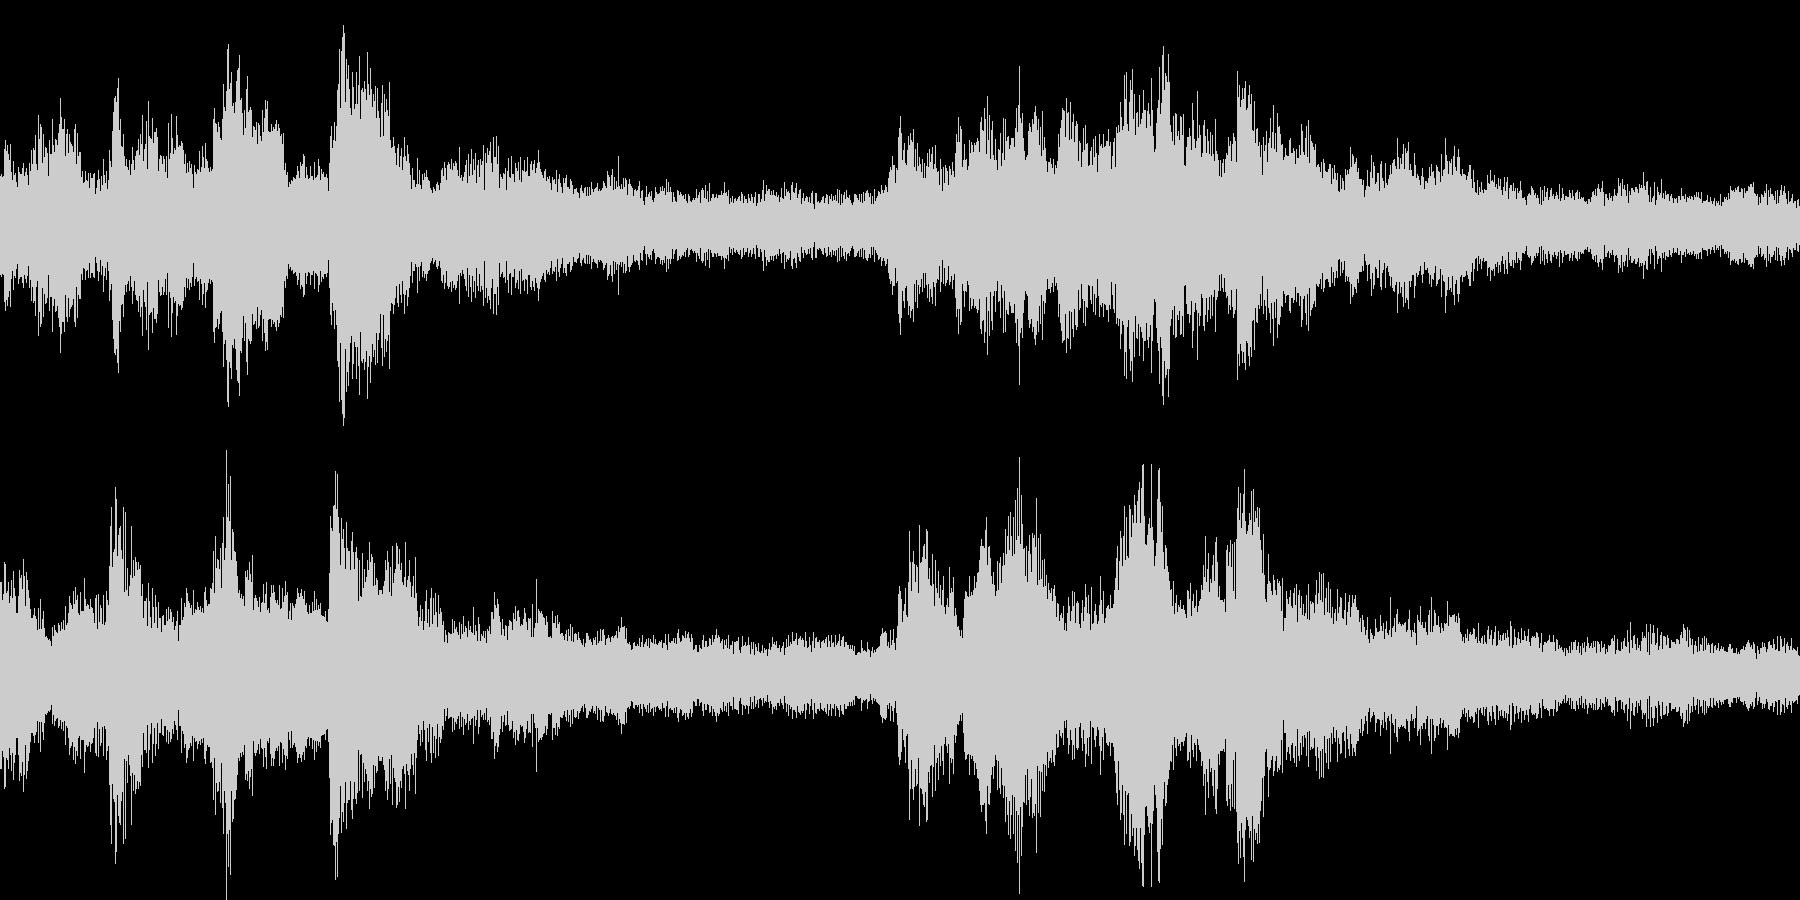 琴やシンセを使った和風なジングル_ループの未再生の波形